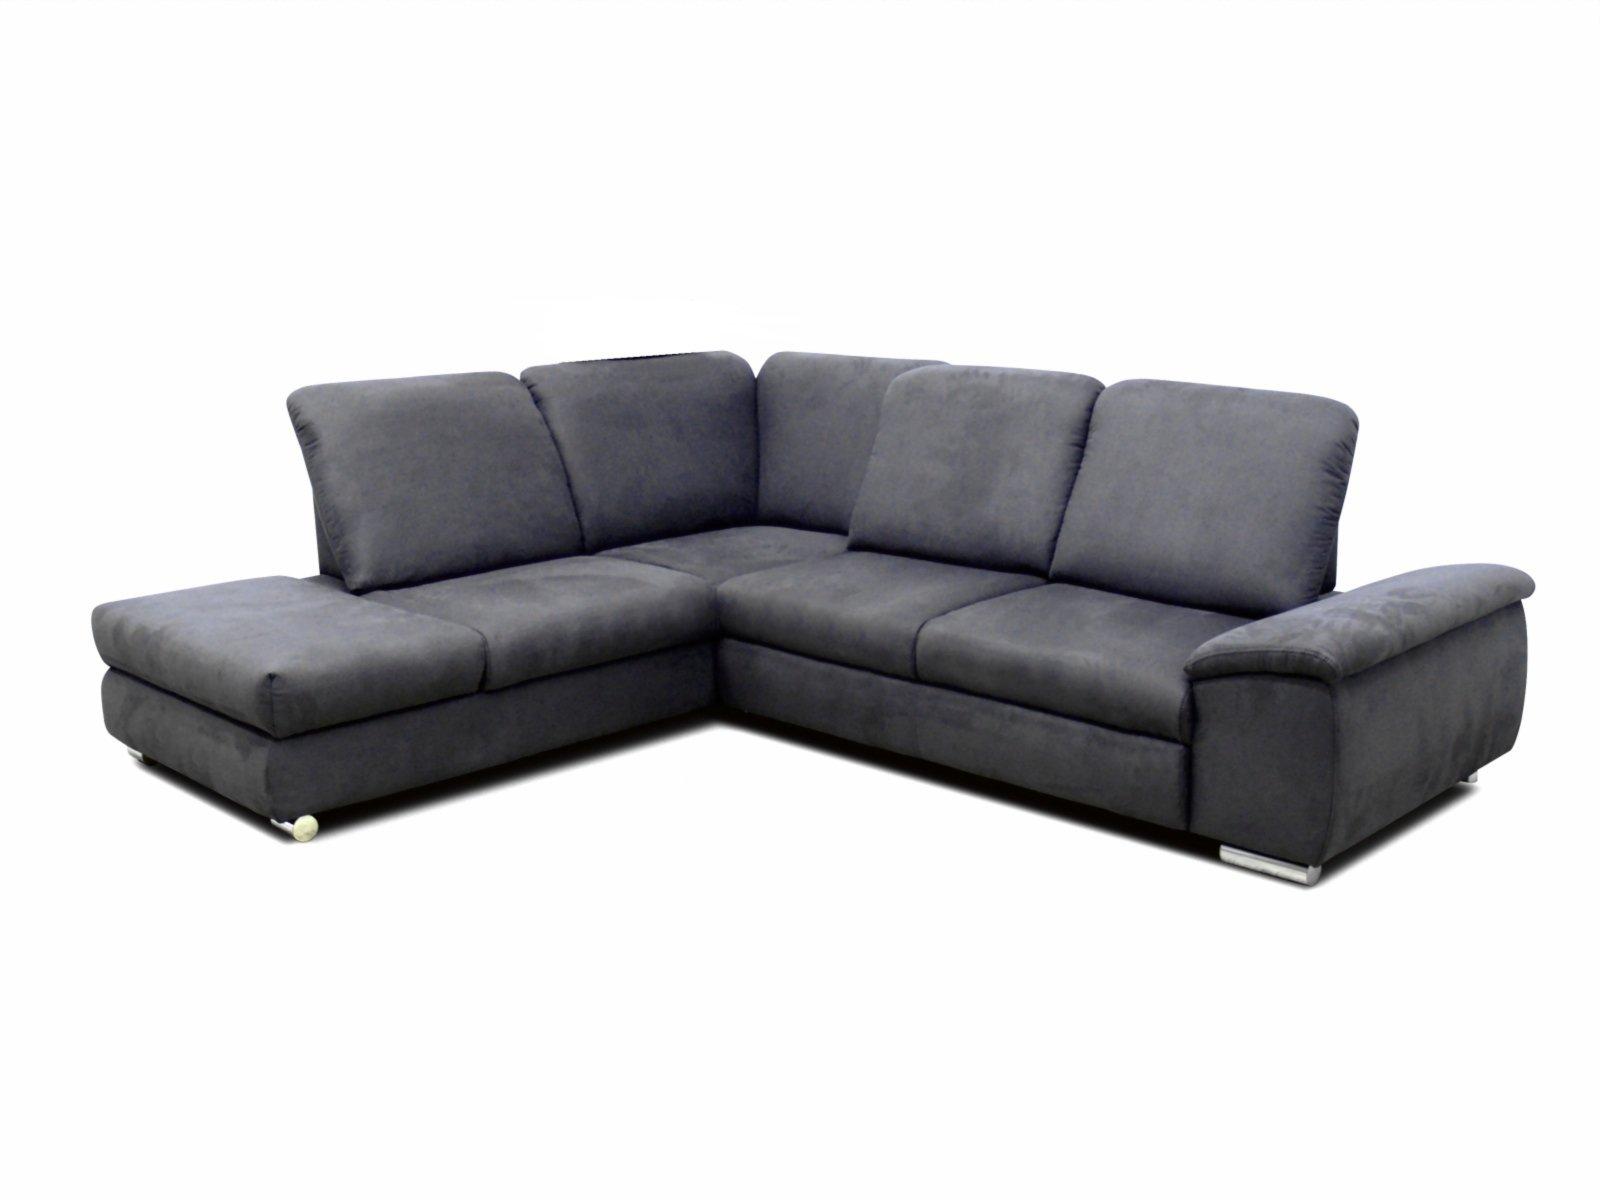 polsterecke grau sitztiefenverstellung rechts ecksofas l form sofas couches m bel. Black Bedroom Furniture Sets. Home Design Ideas